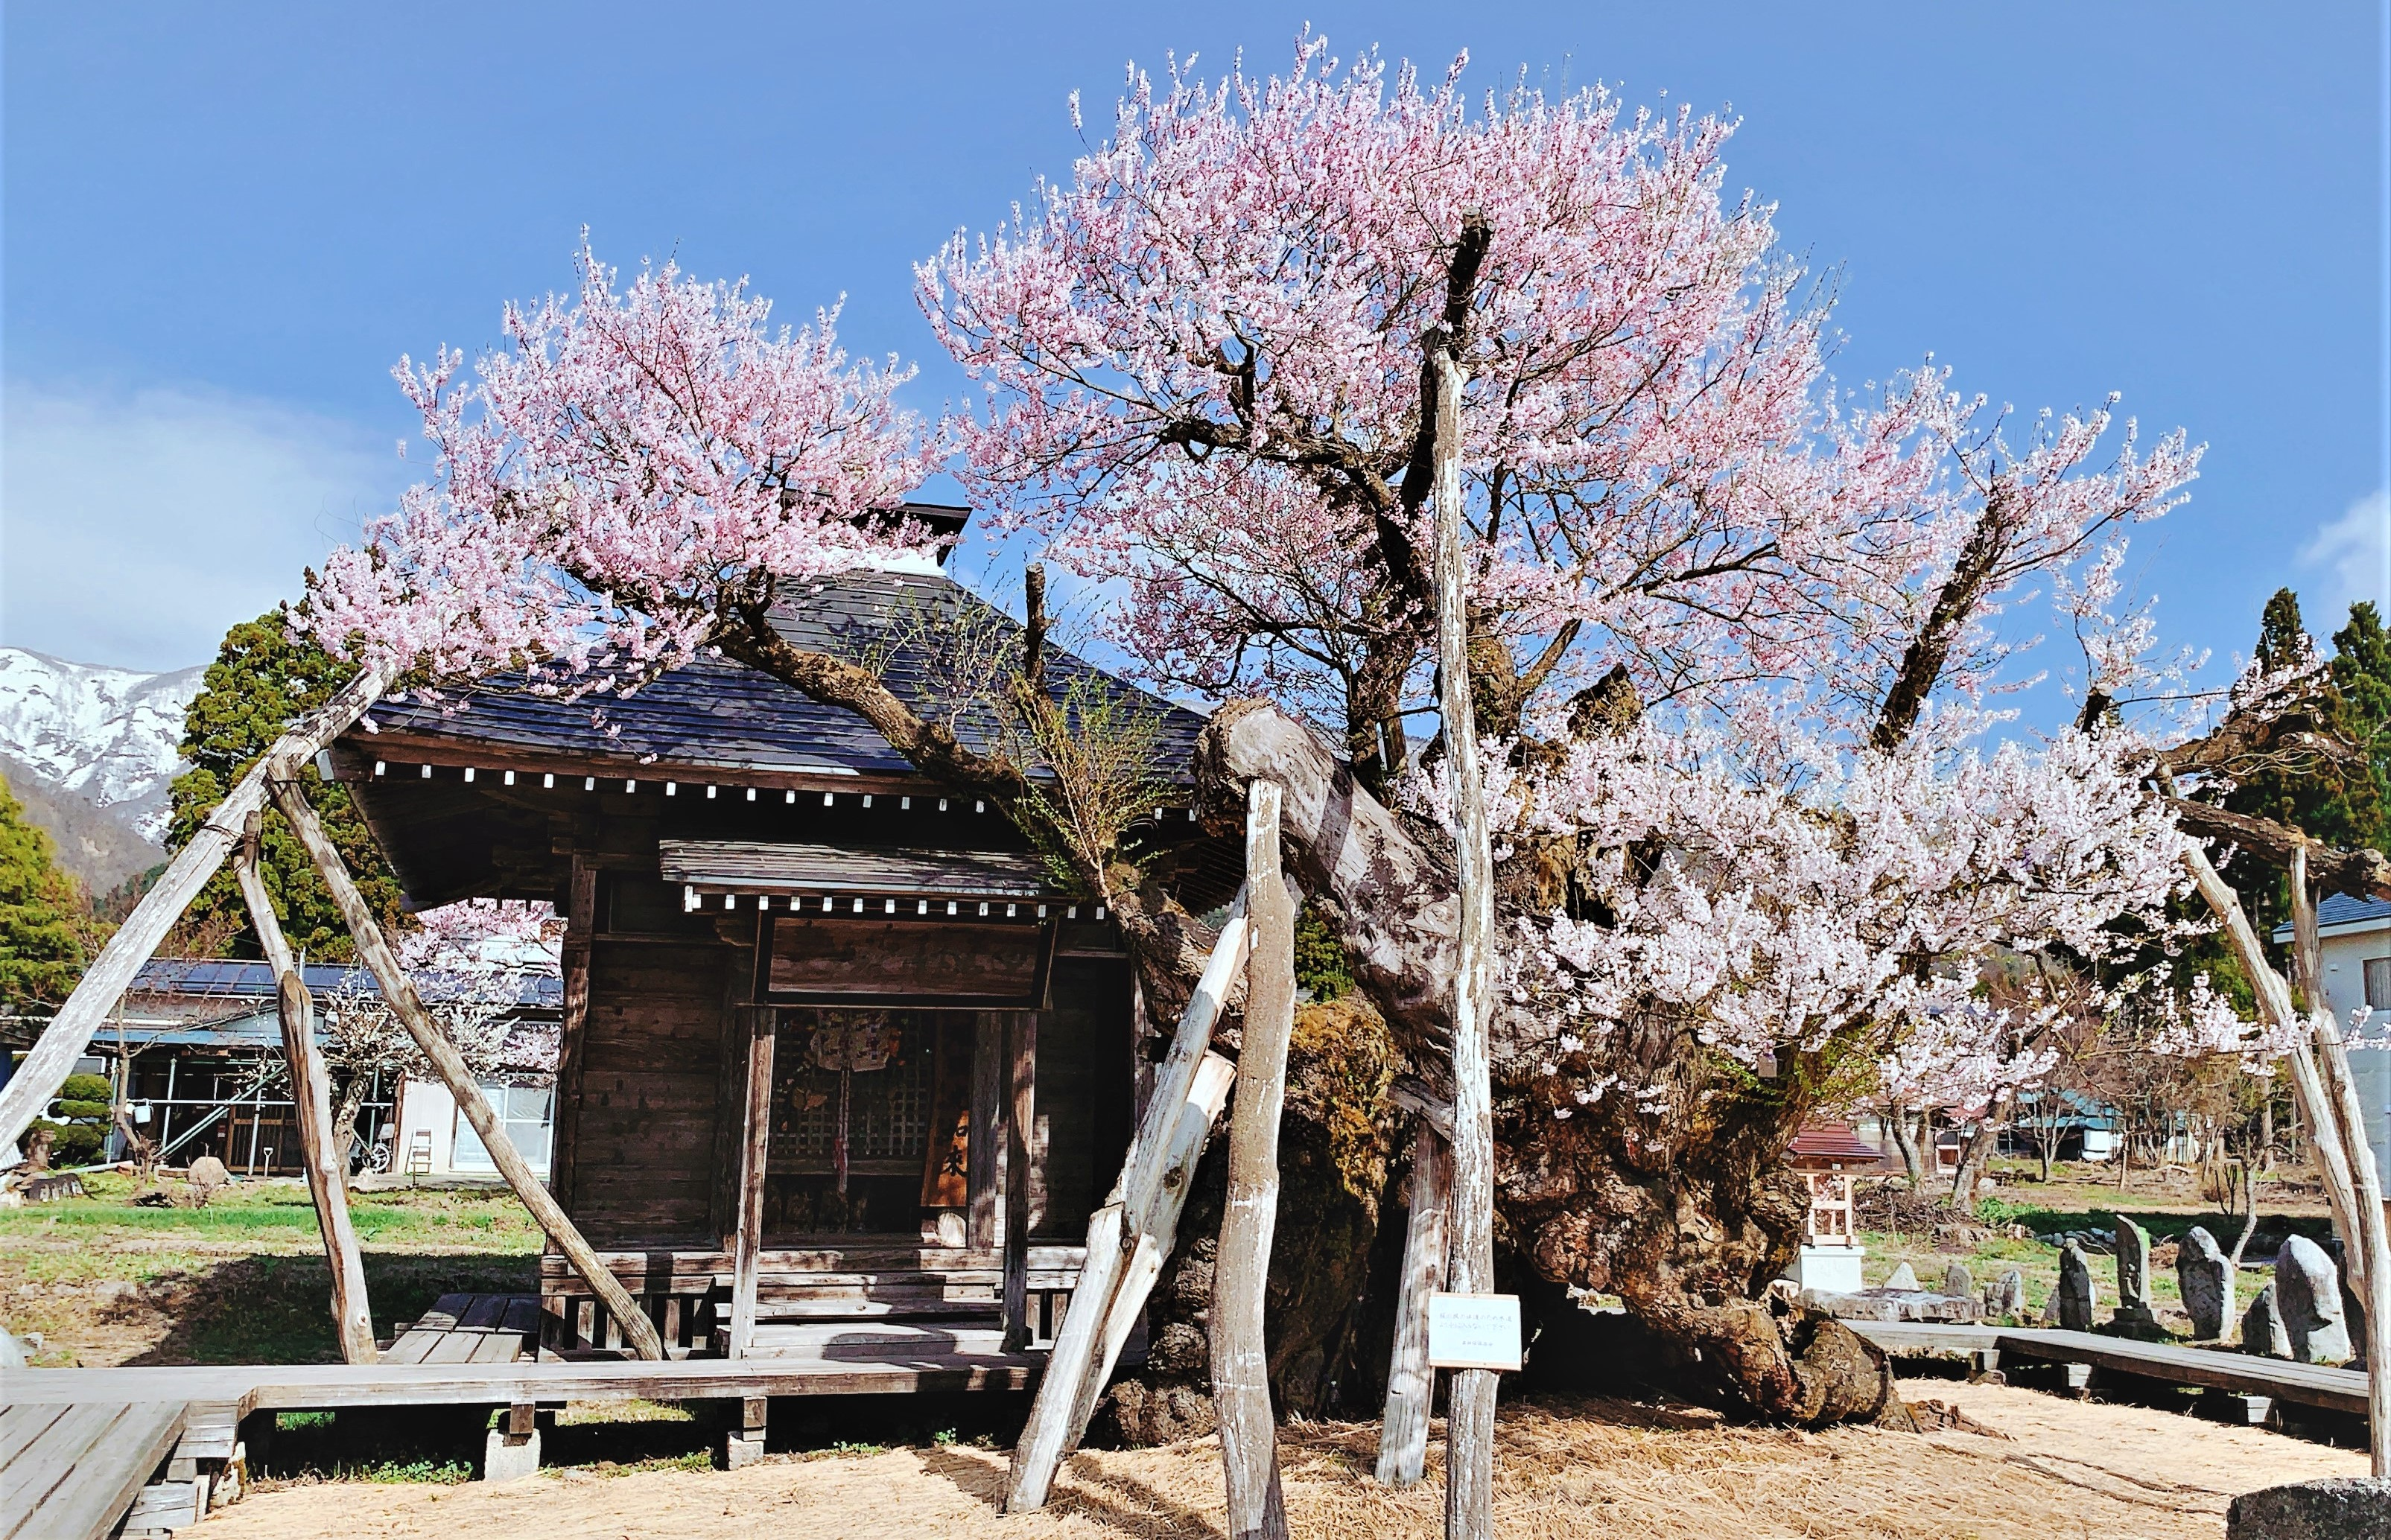 【しらたか古典桜の里さくらまつりの中止について】:画像